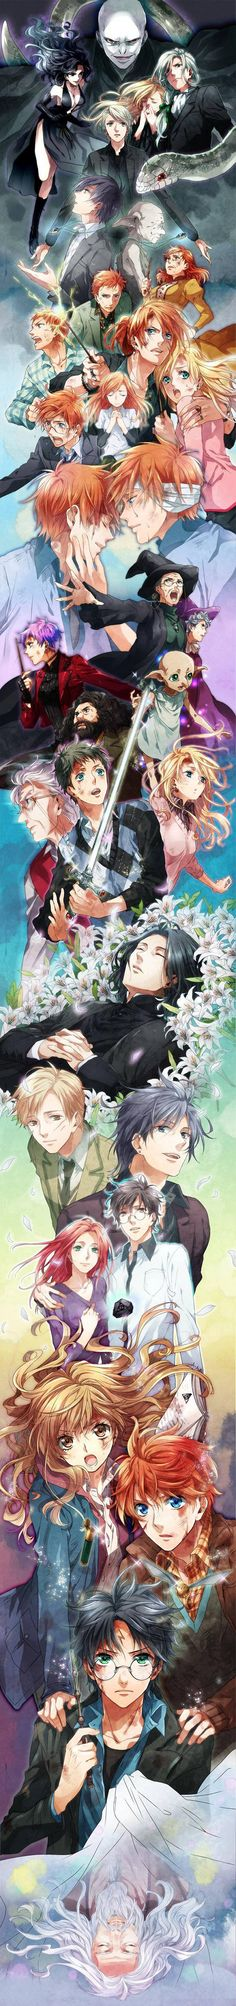 Pretty awesome HP manga scroll